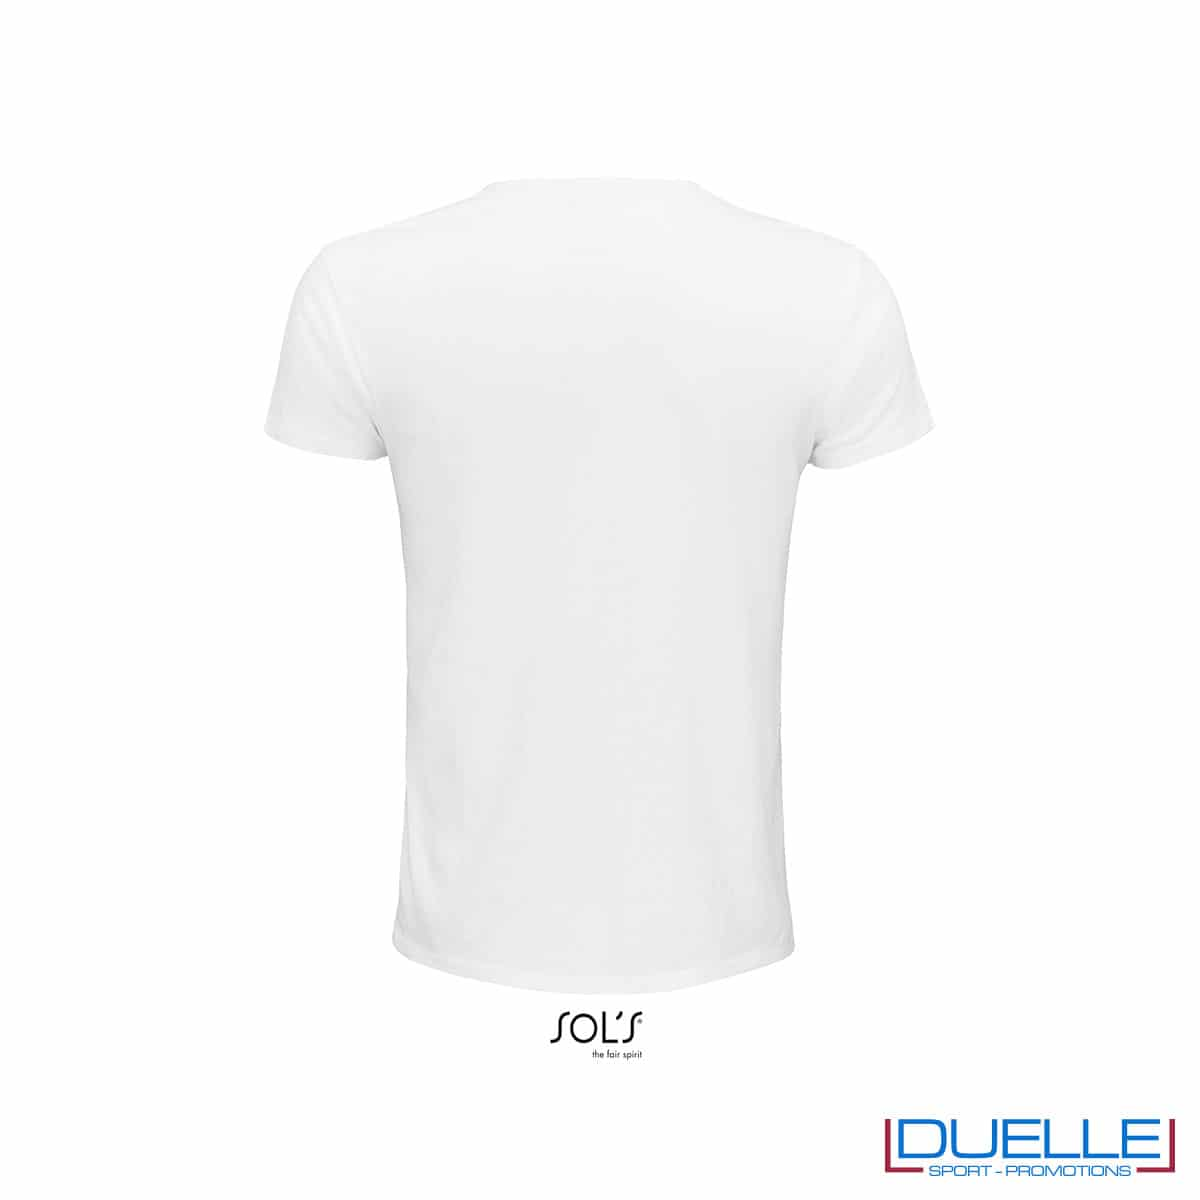 Retro T-shirt ecosostenibile in cotone biologico colore bianco personalizzata